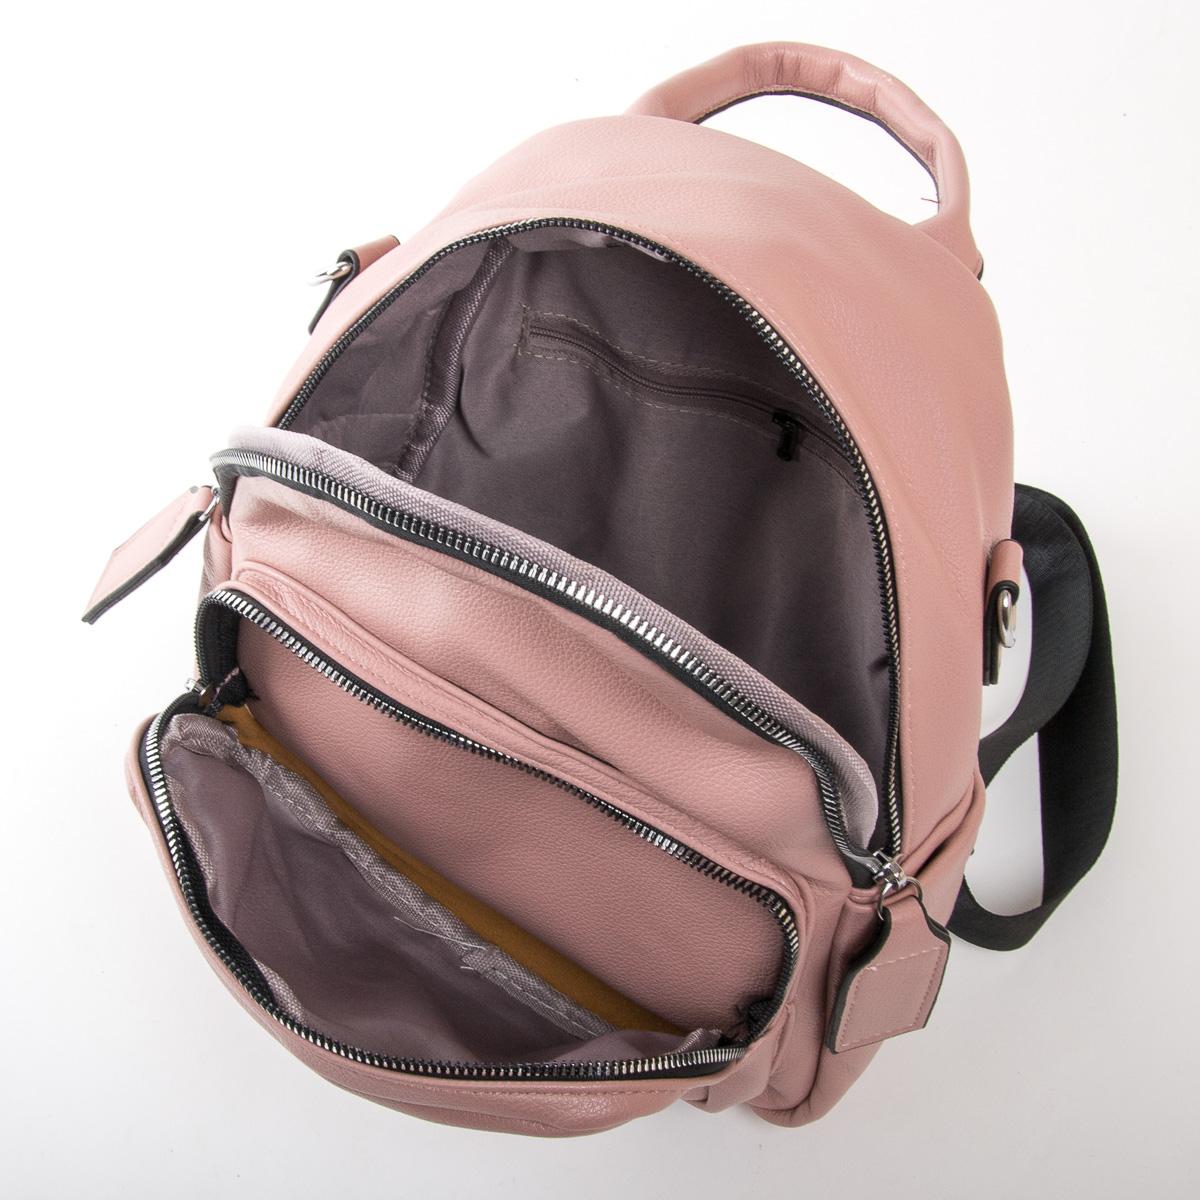 Сумка Женская Рюкзак иск-кожа FASHION 01-01 2701 pink - фото 5